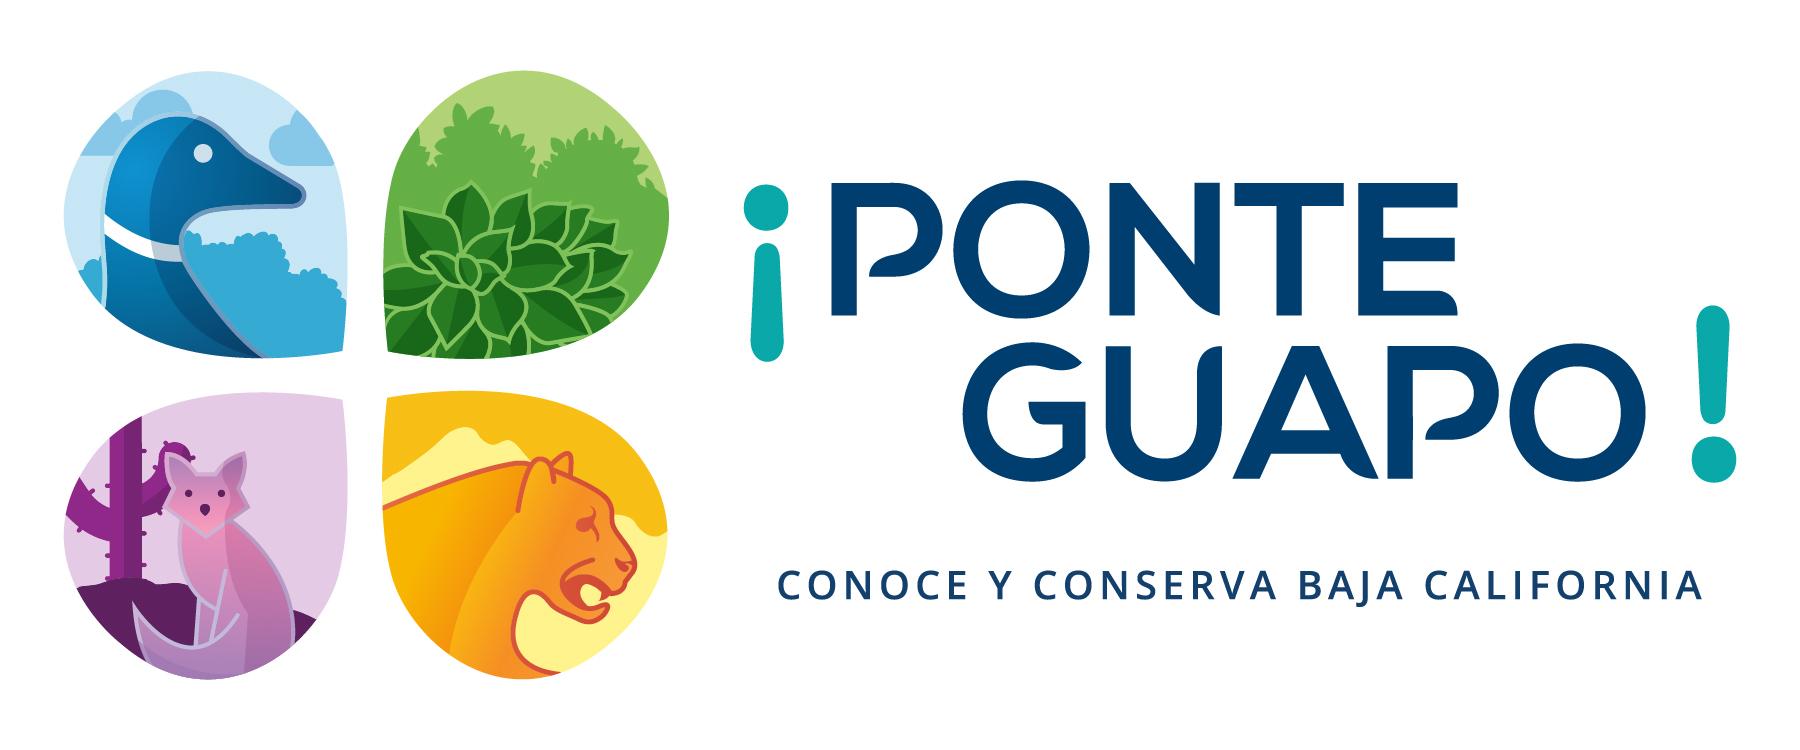 Conoce y conserva Baja California, únete a la transformación. Campaña de recaudación PONTE GUAPO de Terra Peninsular A.C.